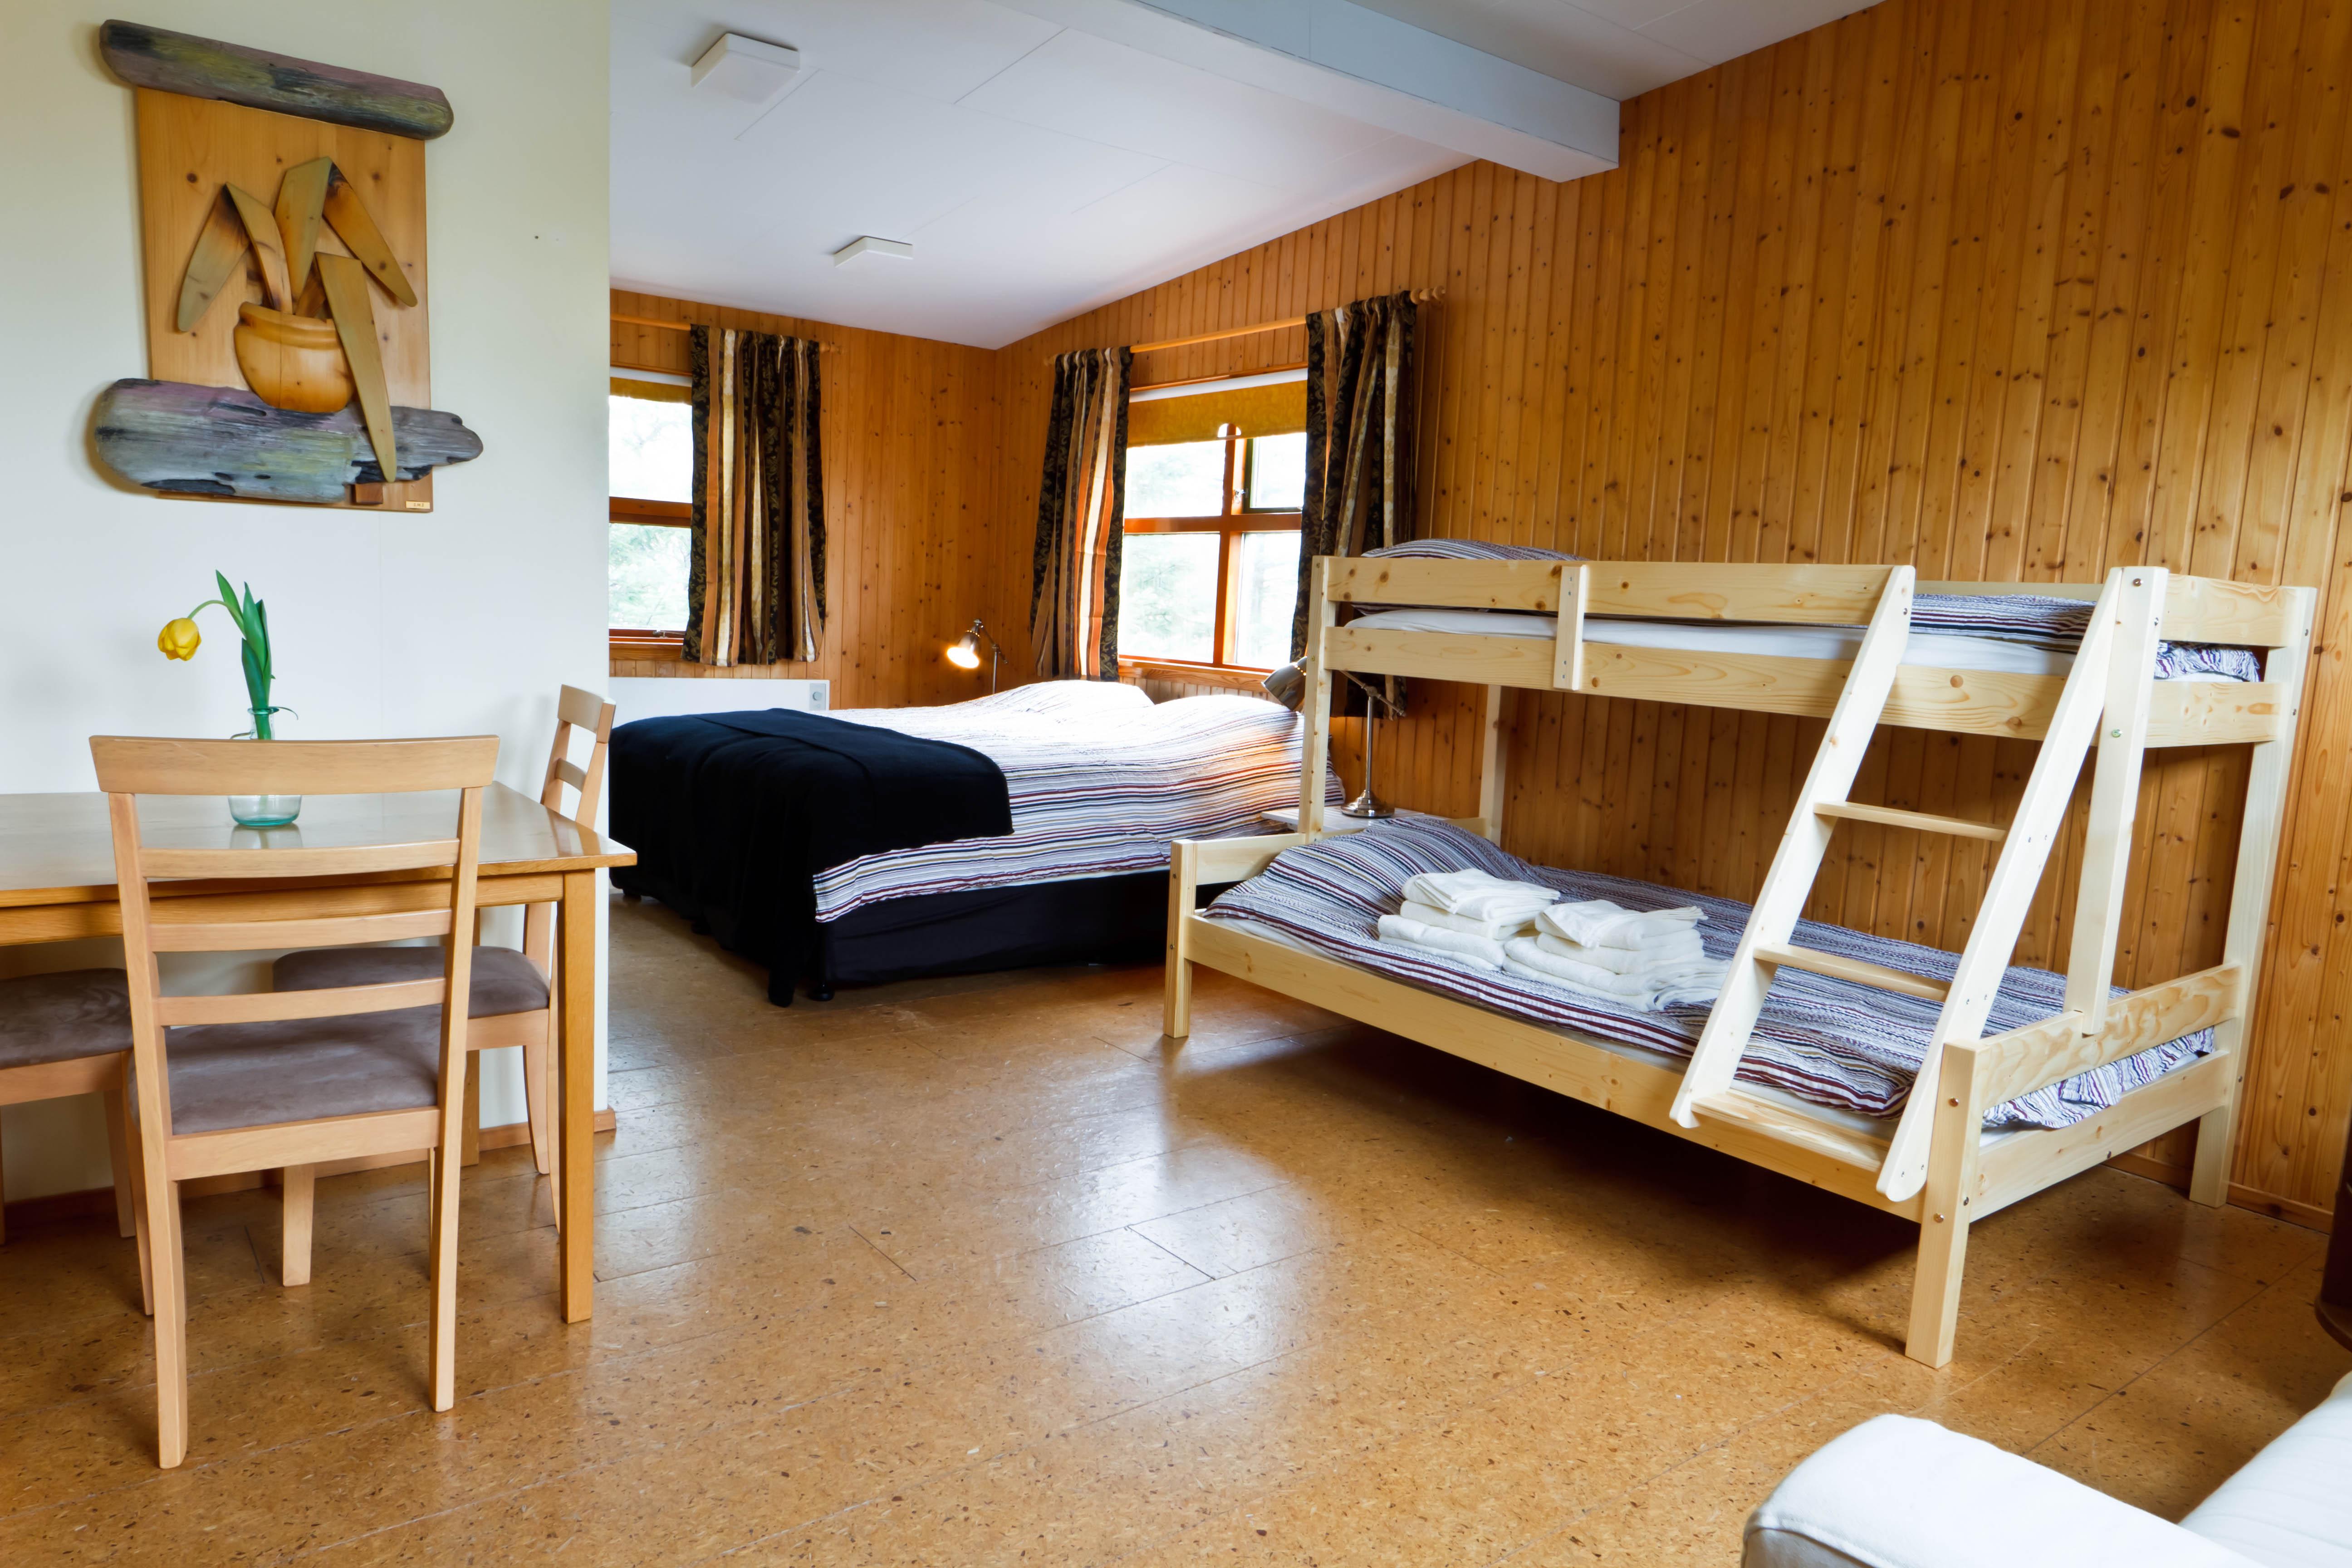 20120331-13-59-20-Hjardarbol_Gistiheimili-0042-25